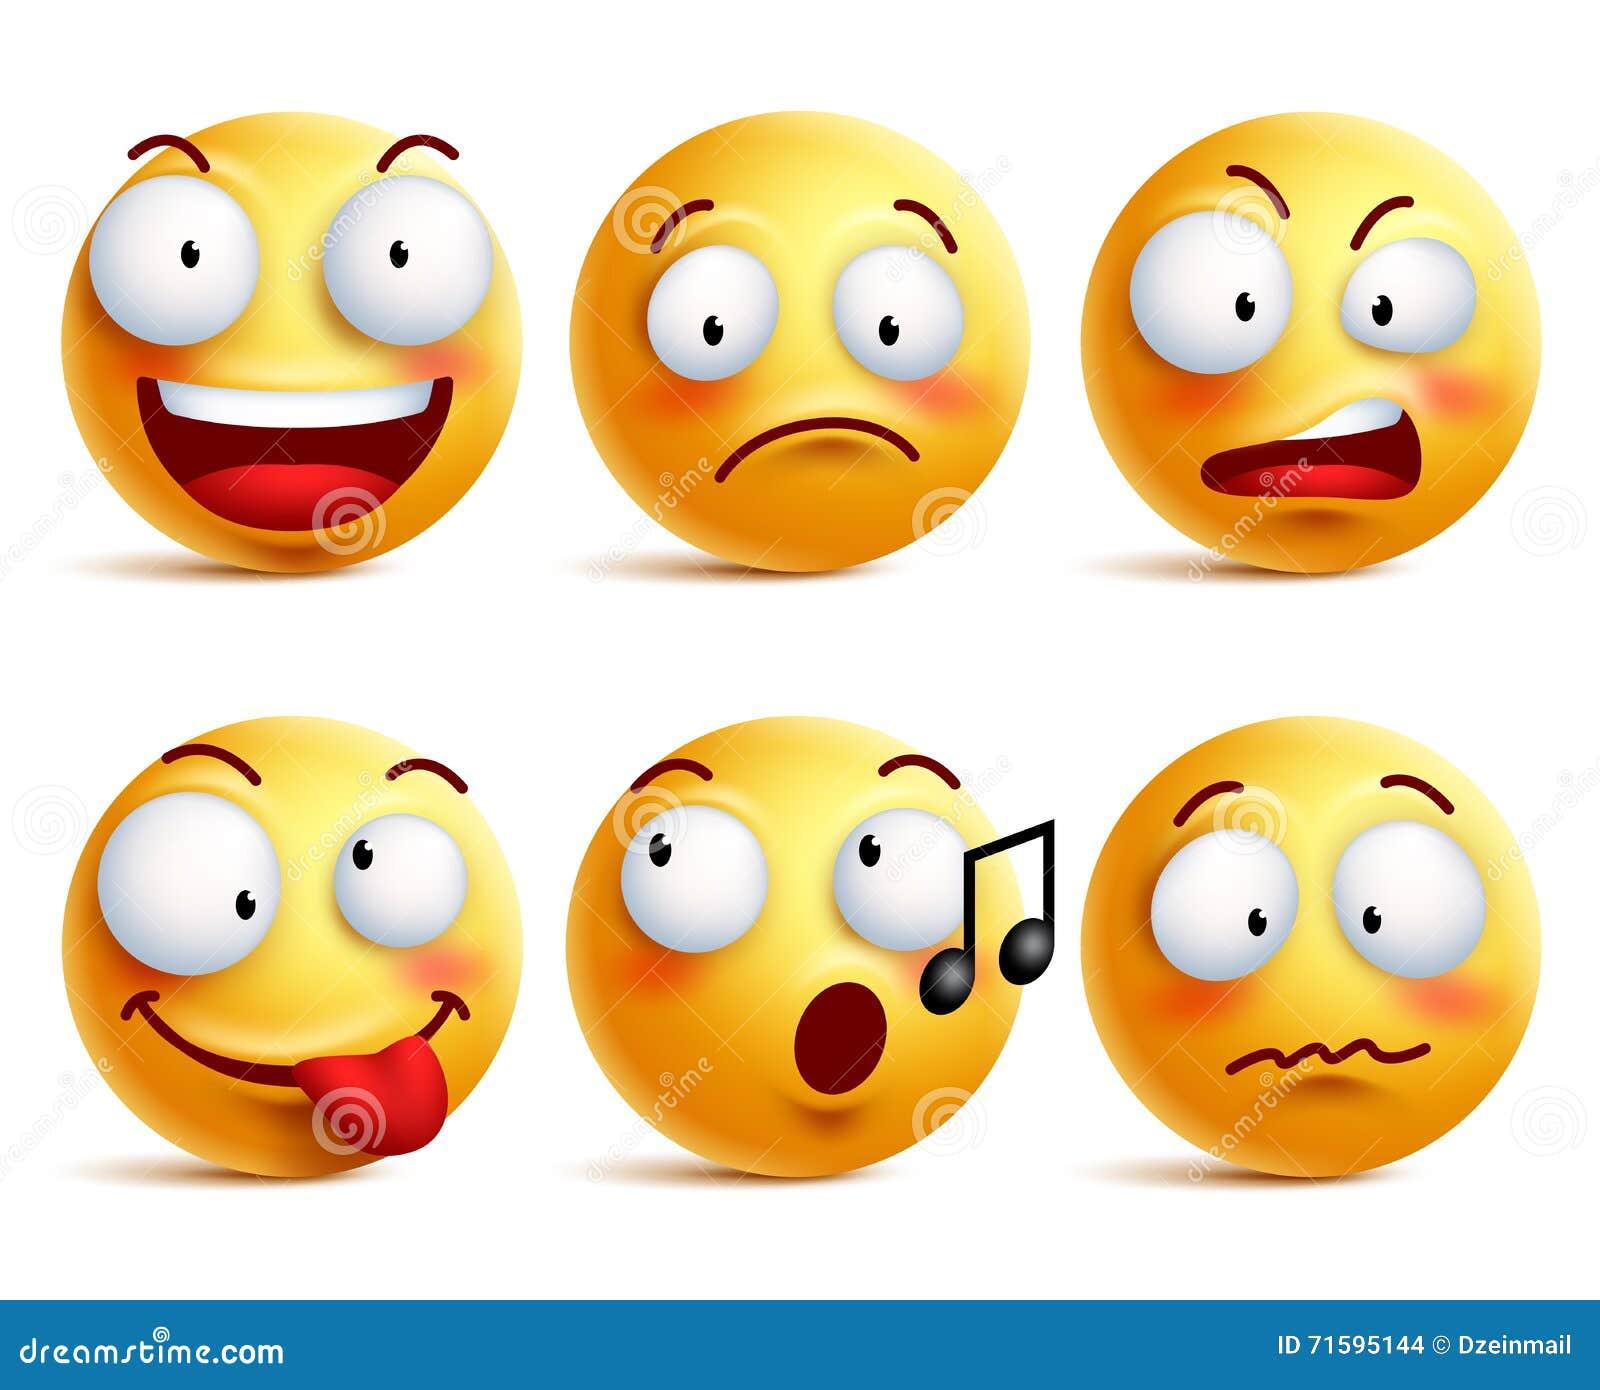 Iconos o emoticons sonrientes de la cara con el sistema de diversas expresiones faciales